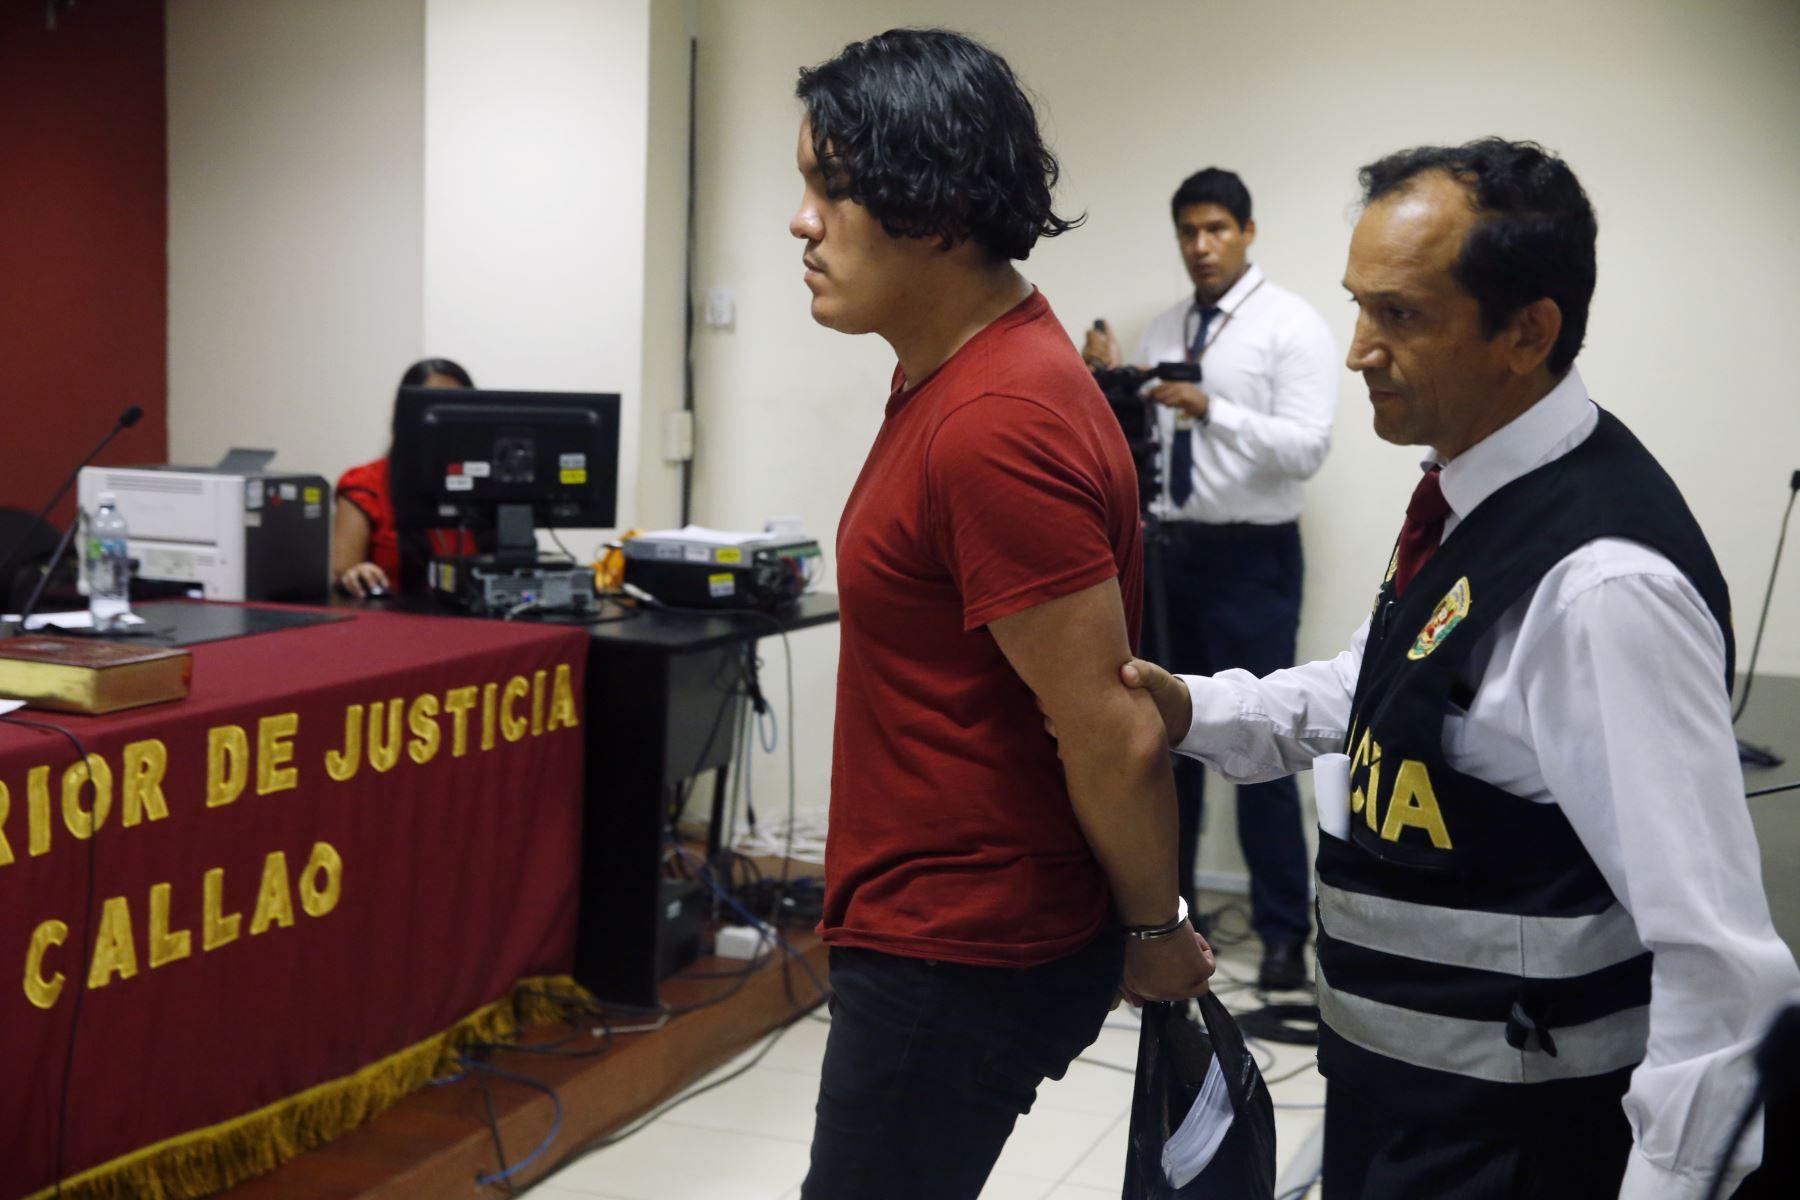 Dictan nueve meses de prisión preventiva a Kevin Villanueva y Andrea Aguirre, presuntos coautores del delito de homicidio calificado en agravio de la joven madre y activista Solsiret Rodríguez. Foto: ANDINA/Eddy Ramos